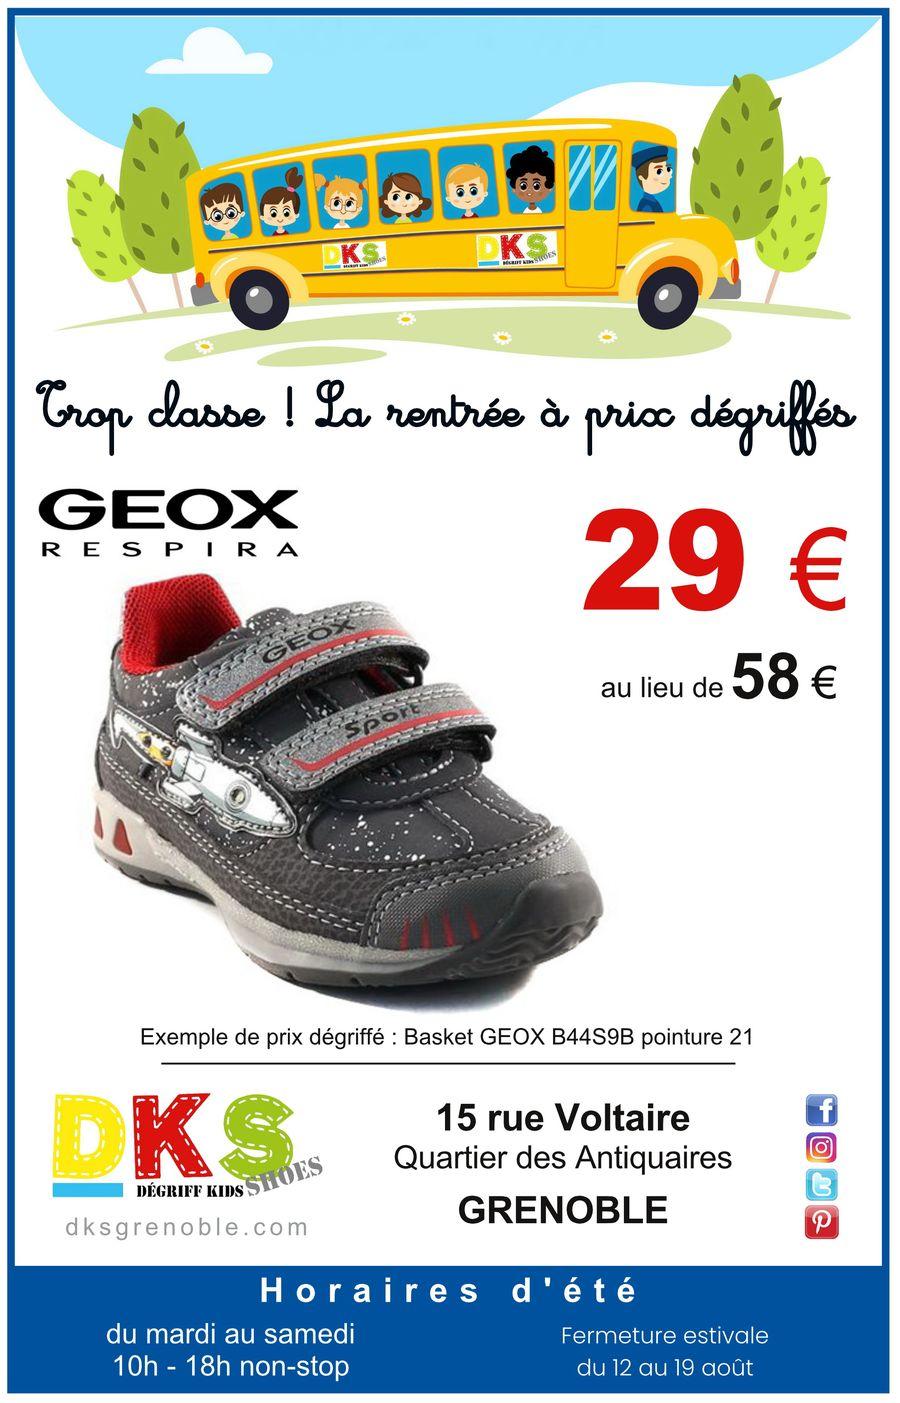 Degriff Kids Shoes Magasins de chaussures 15 rue